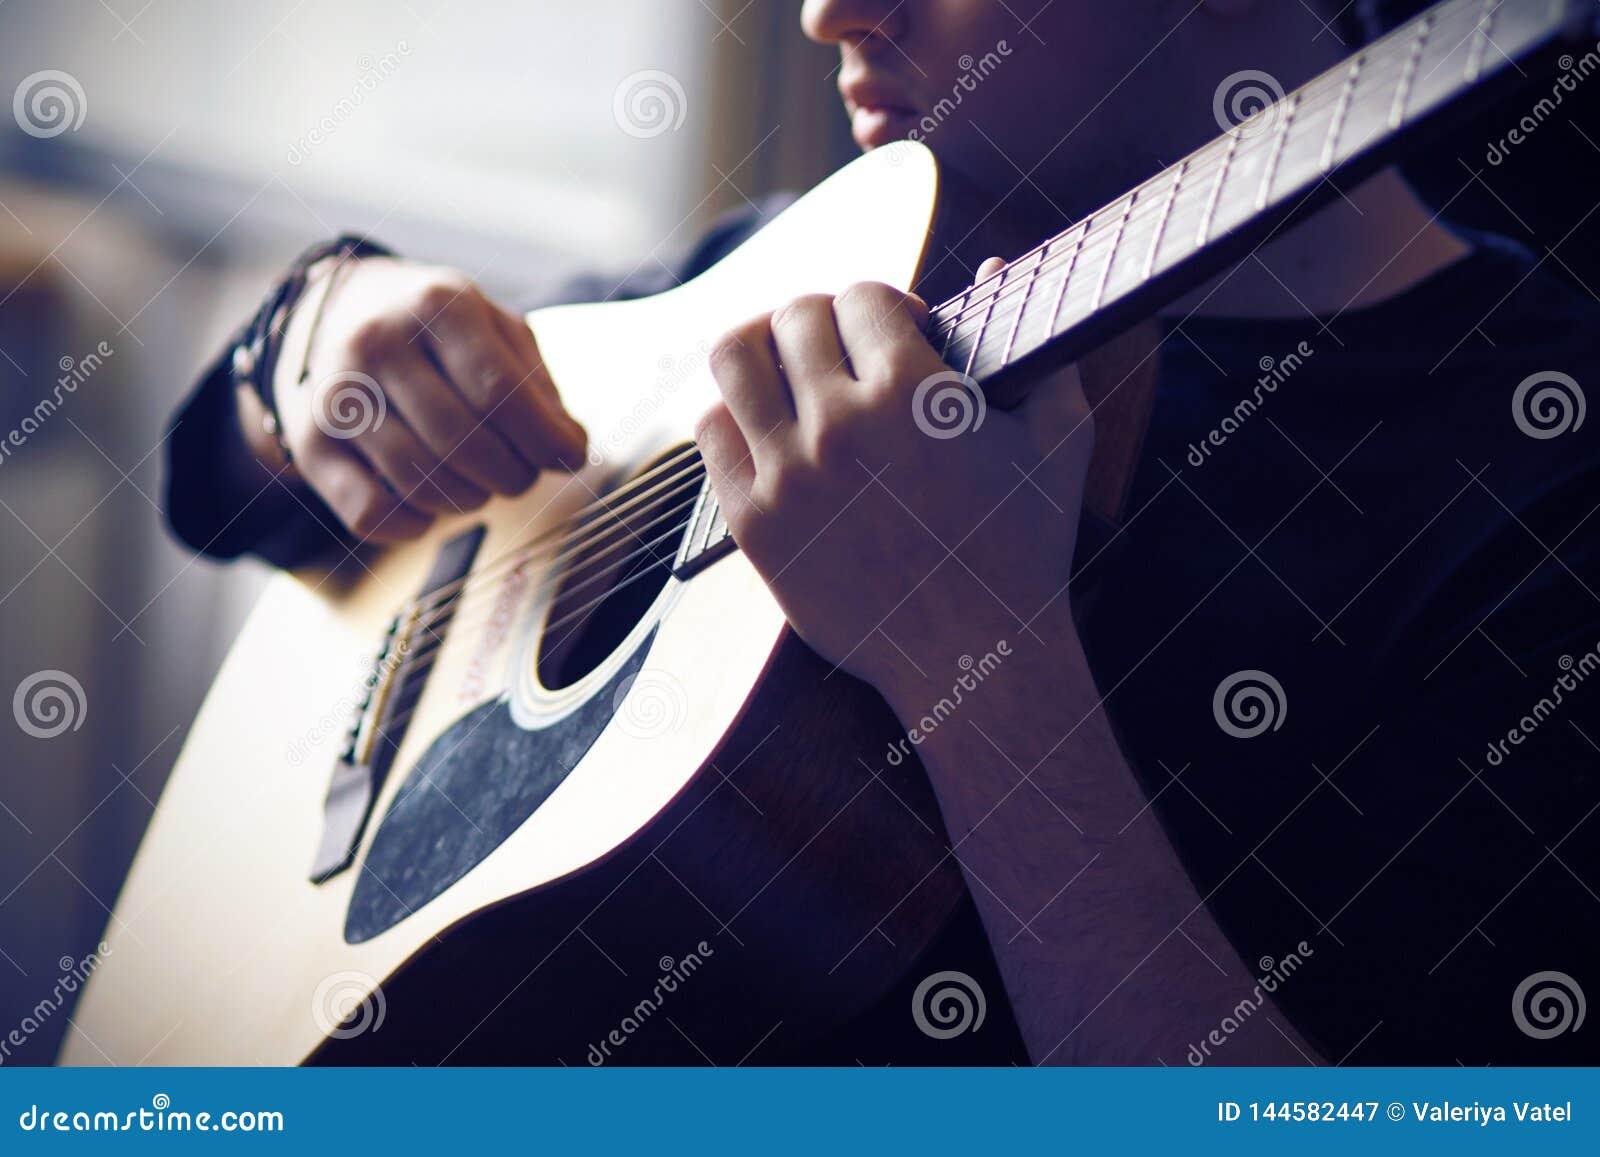 Un musicista gioca la sua chitarra acustica, tenente il fretboard alla base